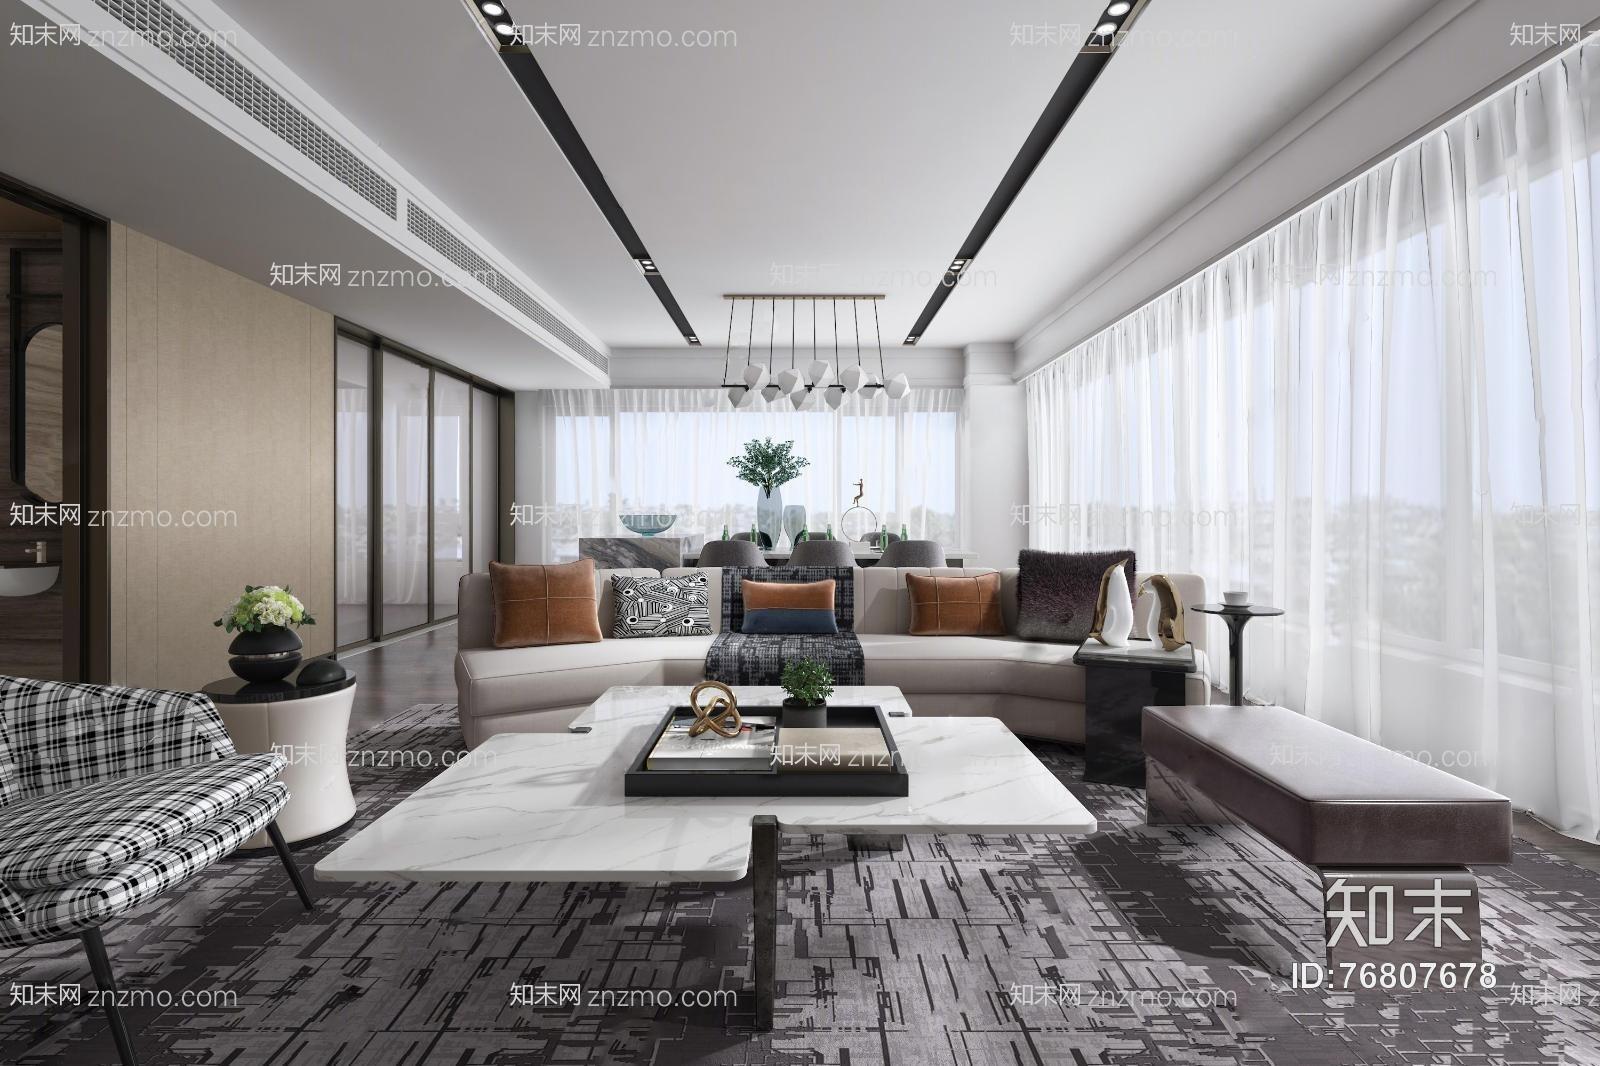 现代客厅 多人沙发 单人沙发 茶几 摆件 吊灯 沙发凳